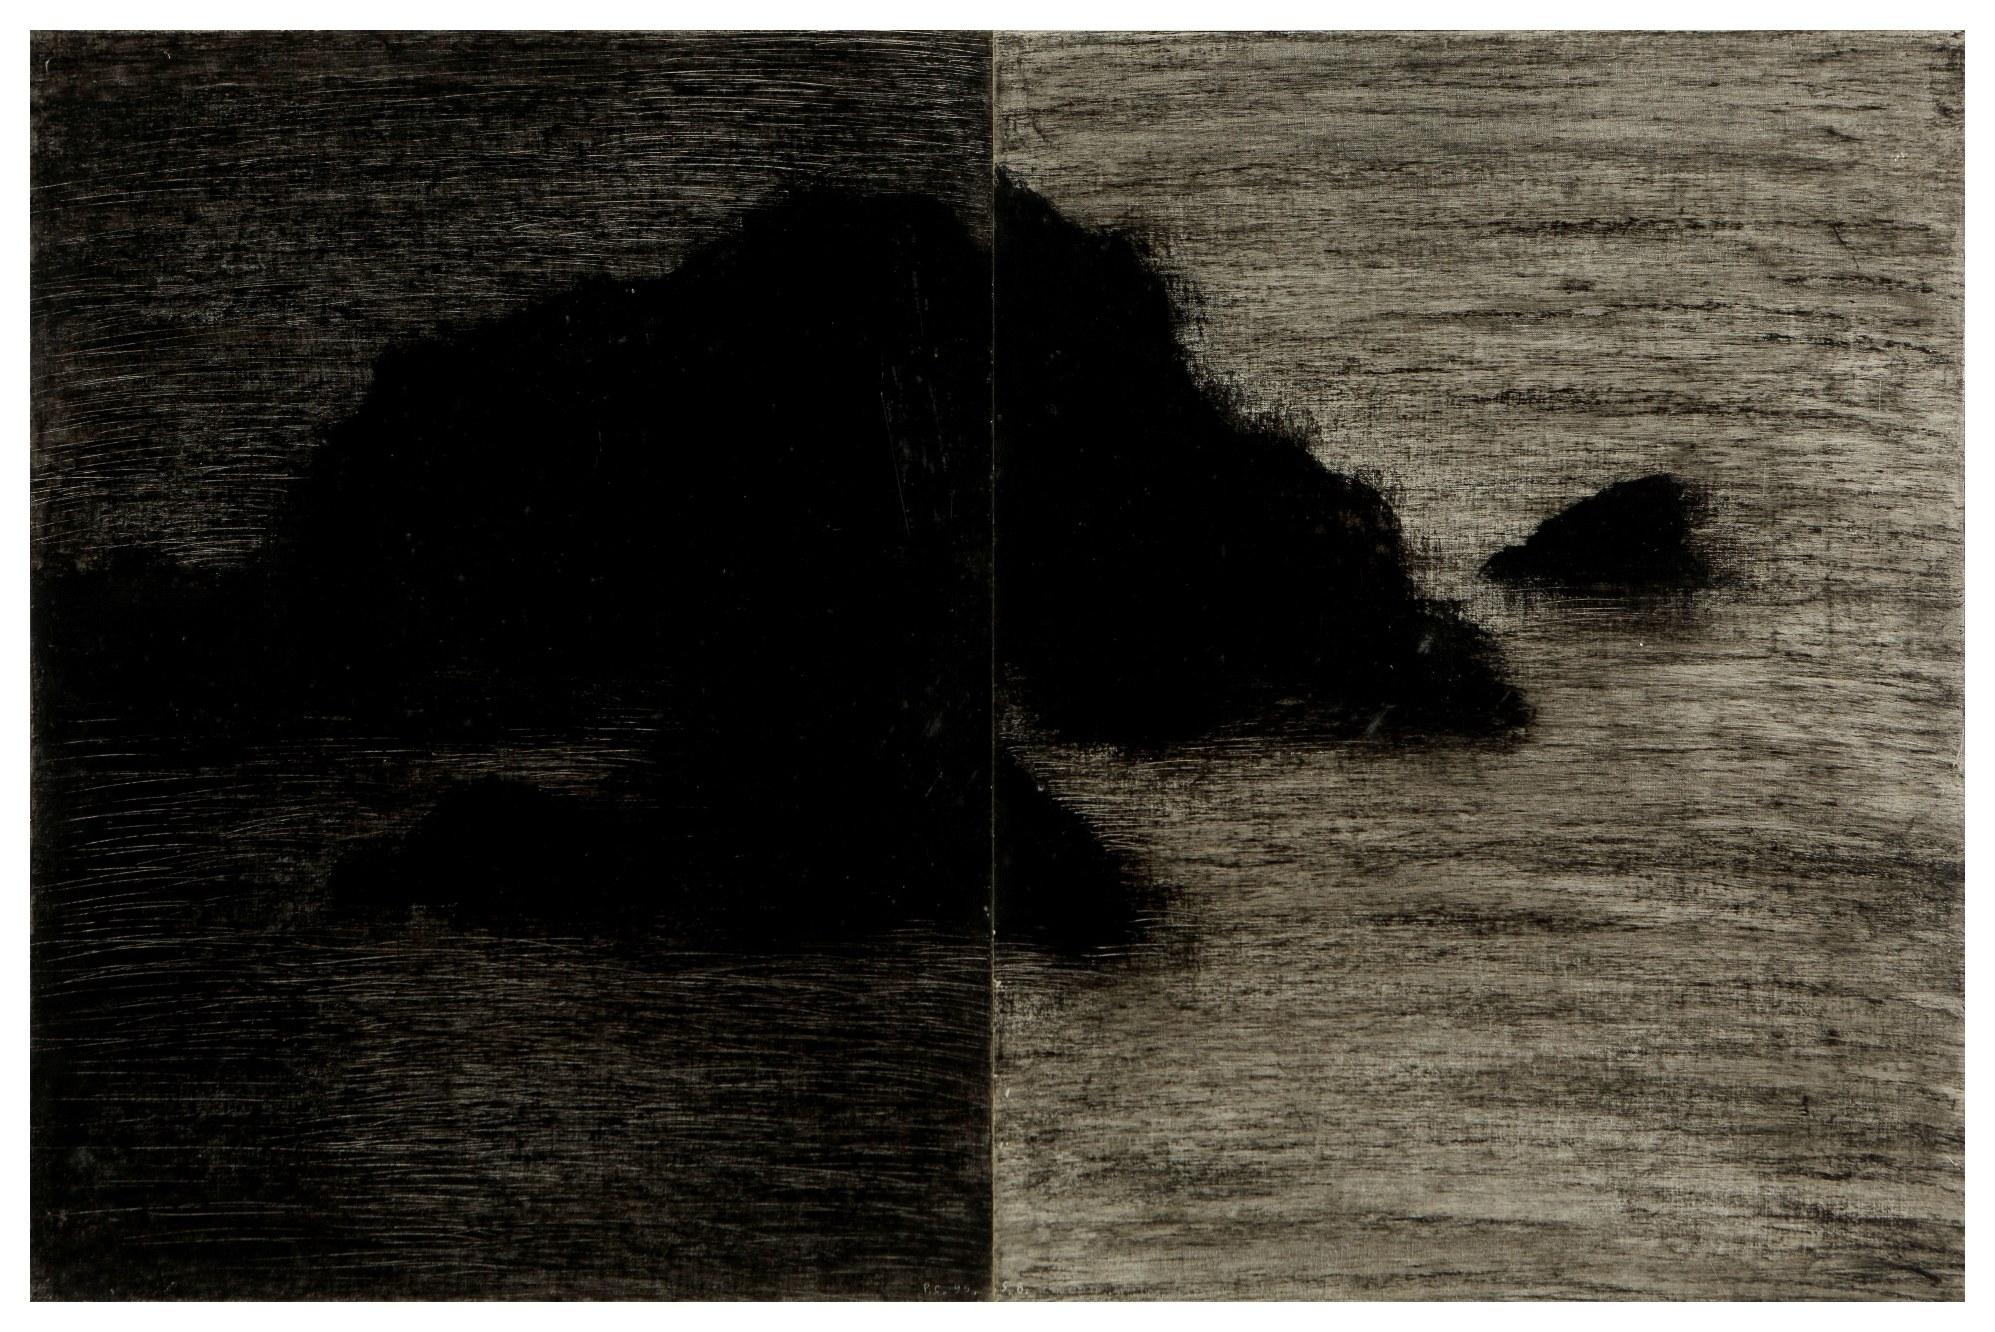 聖巴爾斯島 St. Barth 95-17 1995 油彩、畫紙 65cm x 98cm